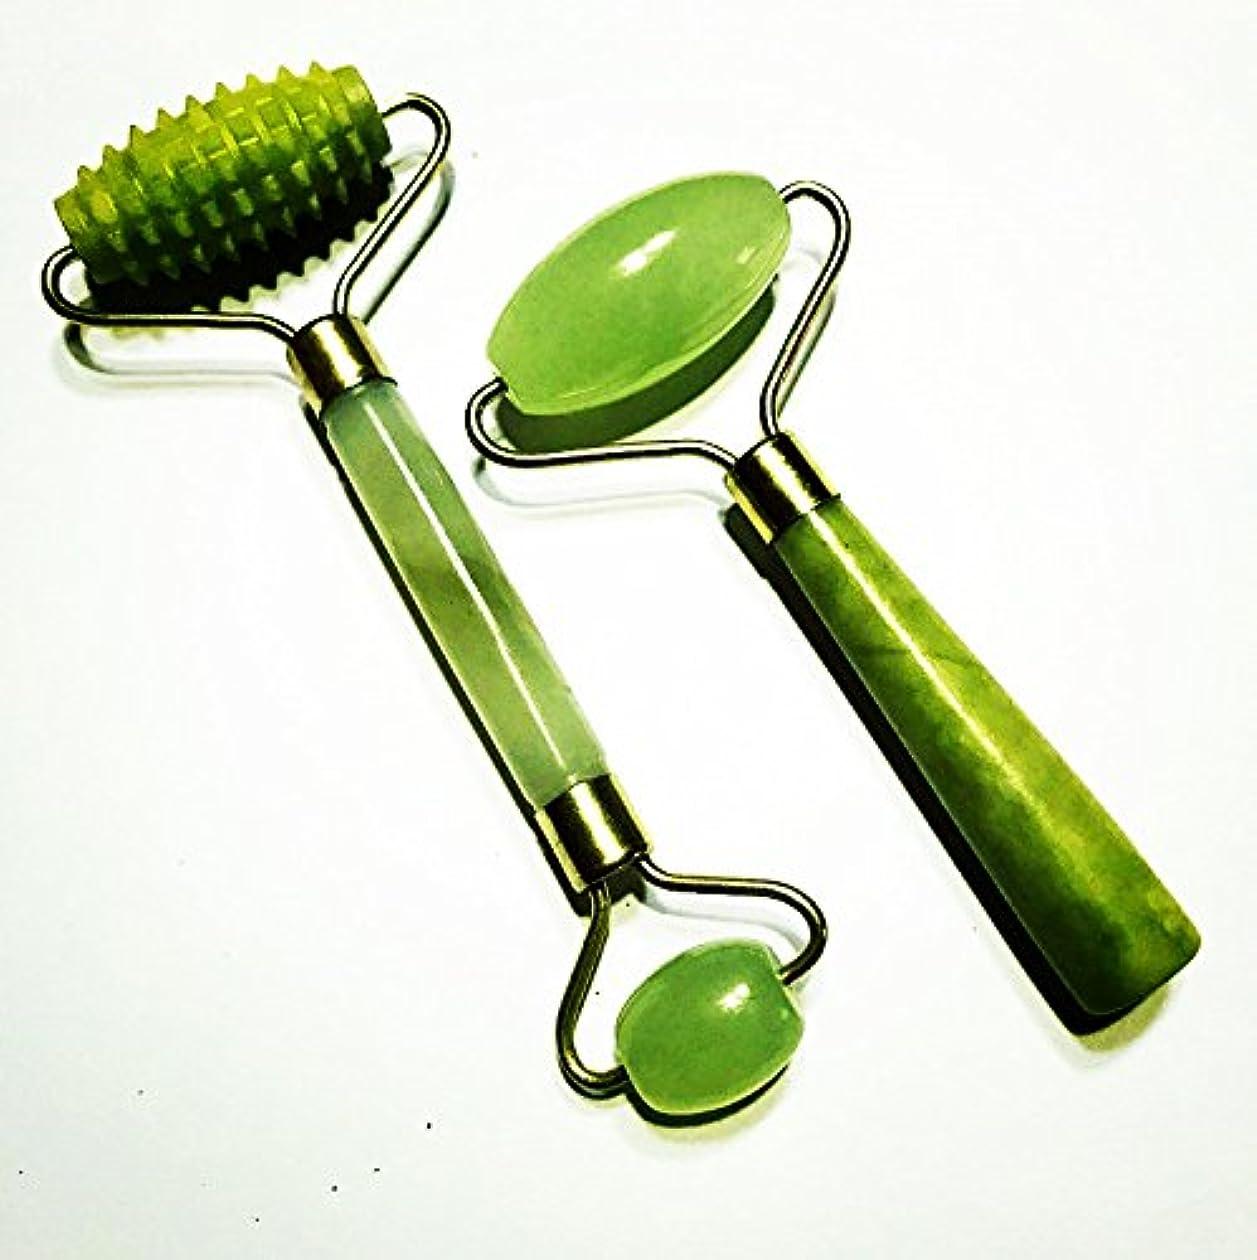 終了しました怖がらせるヨーグルトEcho & Kern 二点 グリーンアベンチュリンの美顔ローラーフェイスマッサジギザギザ付きでローラー2pcs The Green Jade roller textured spiky Jade roller 100%...